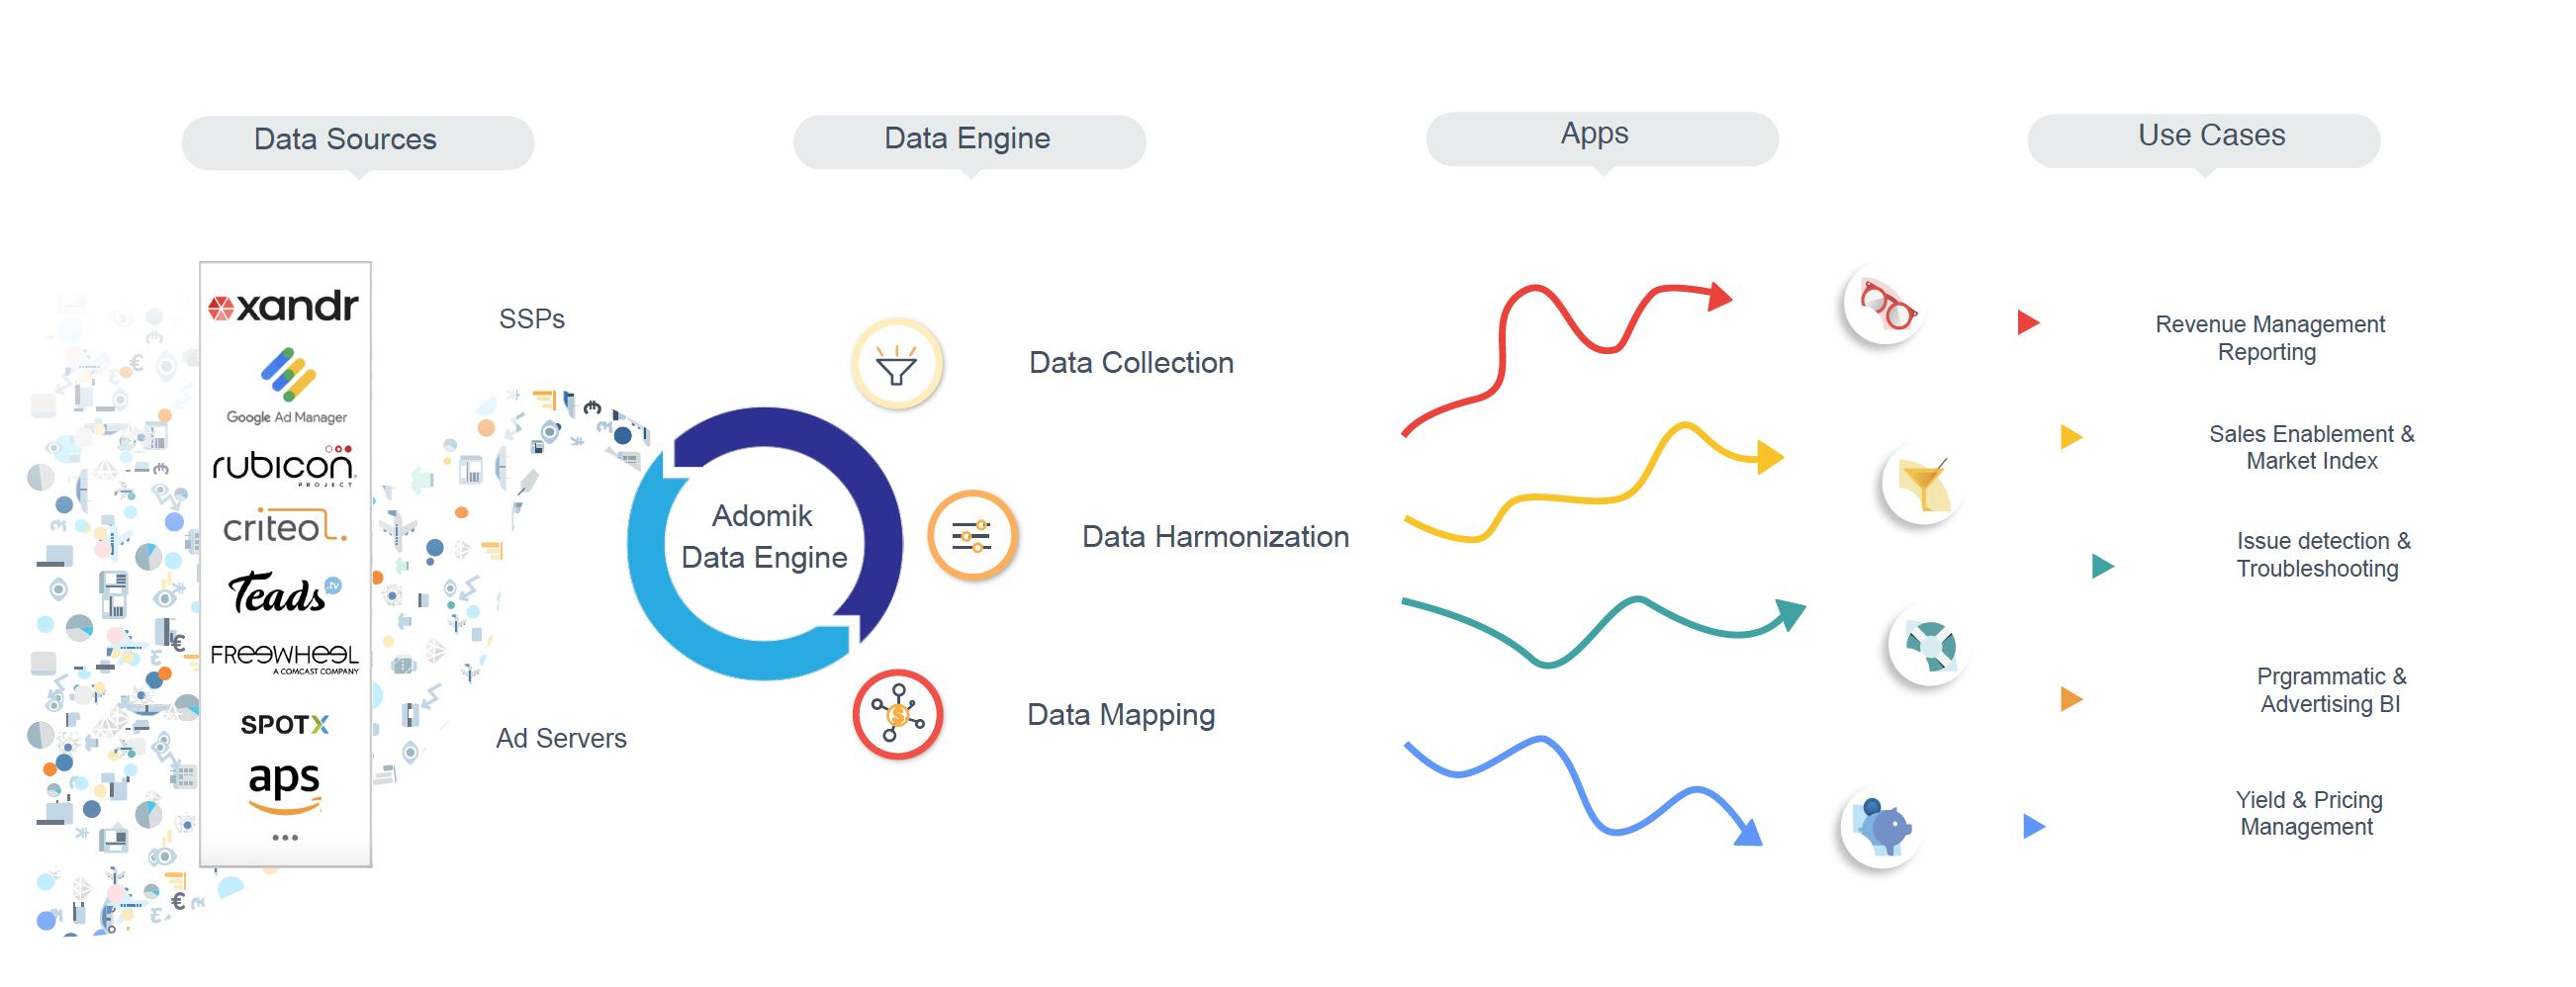 Schema Data Engine pour Web Apps et Use Case